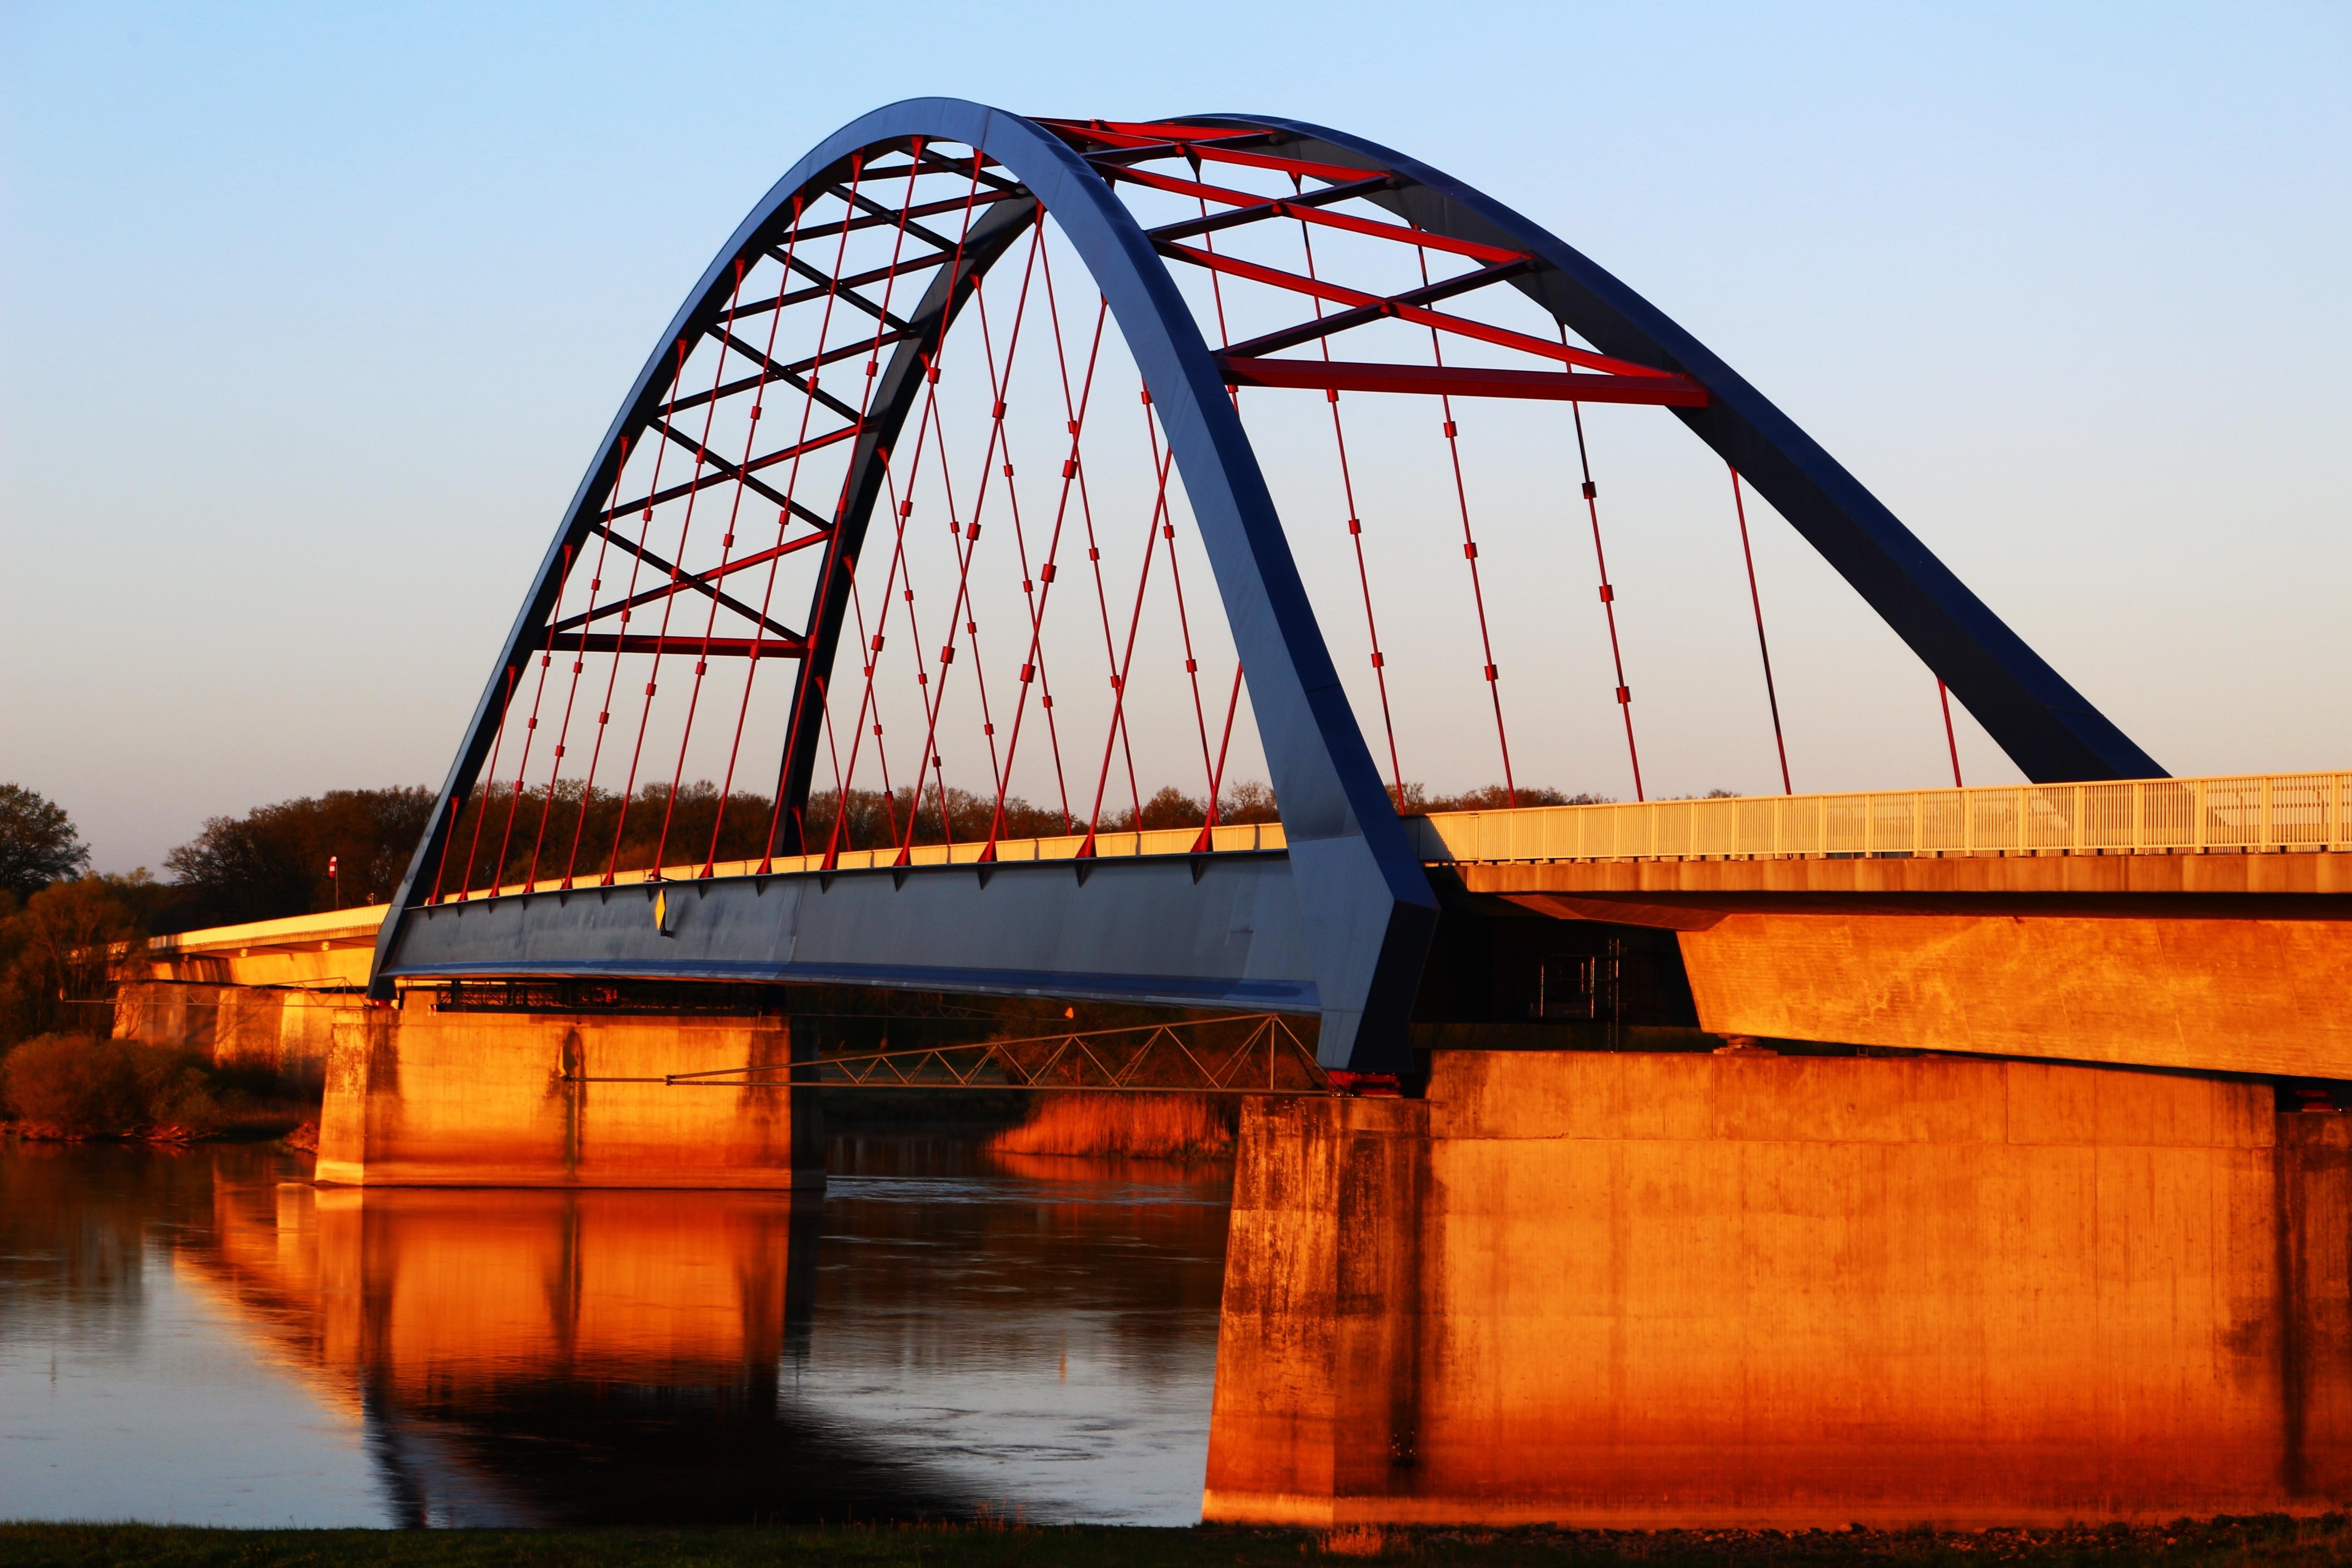 Fotos gratis : arquitectura, edificio, río, reflexión, vehículo ...